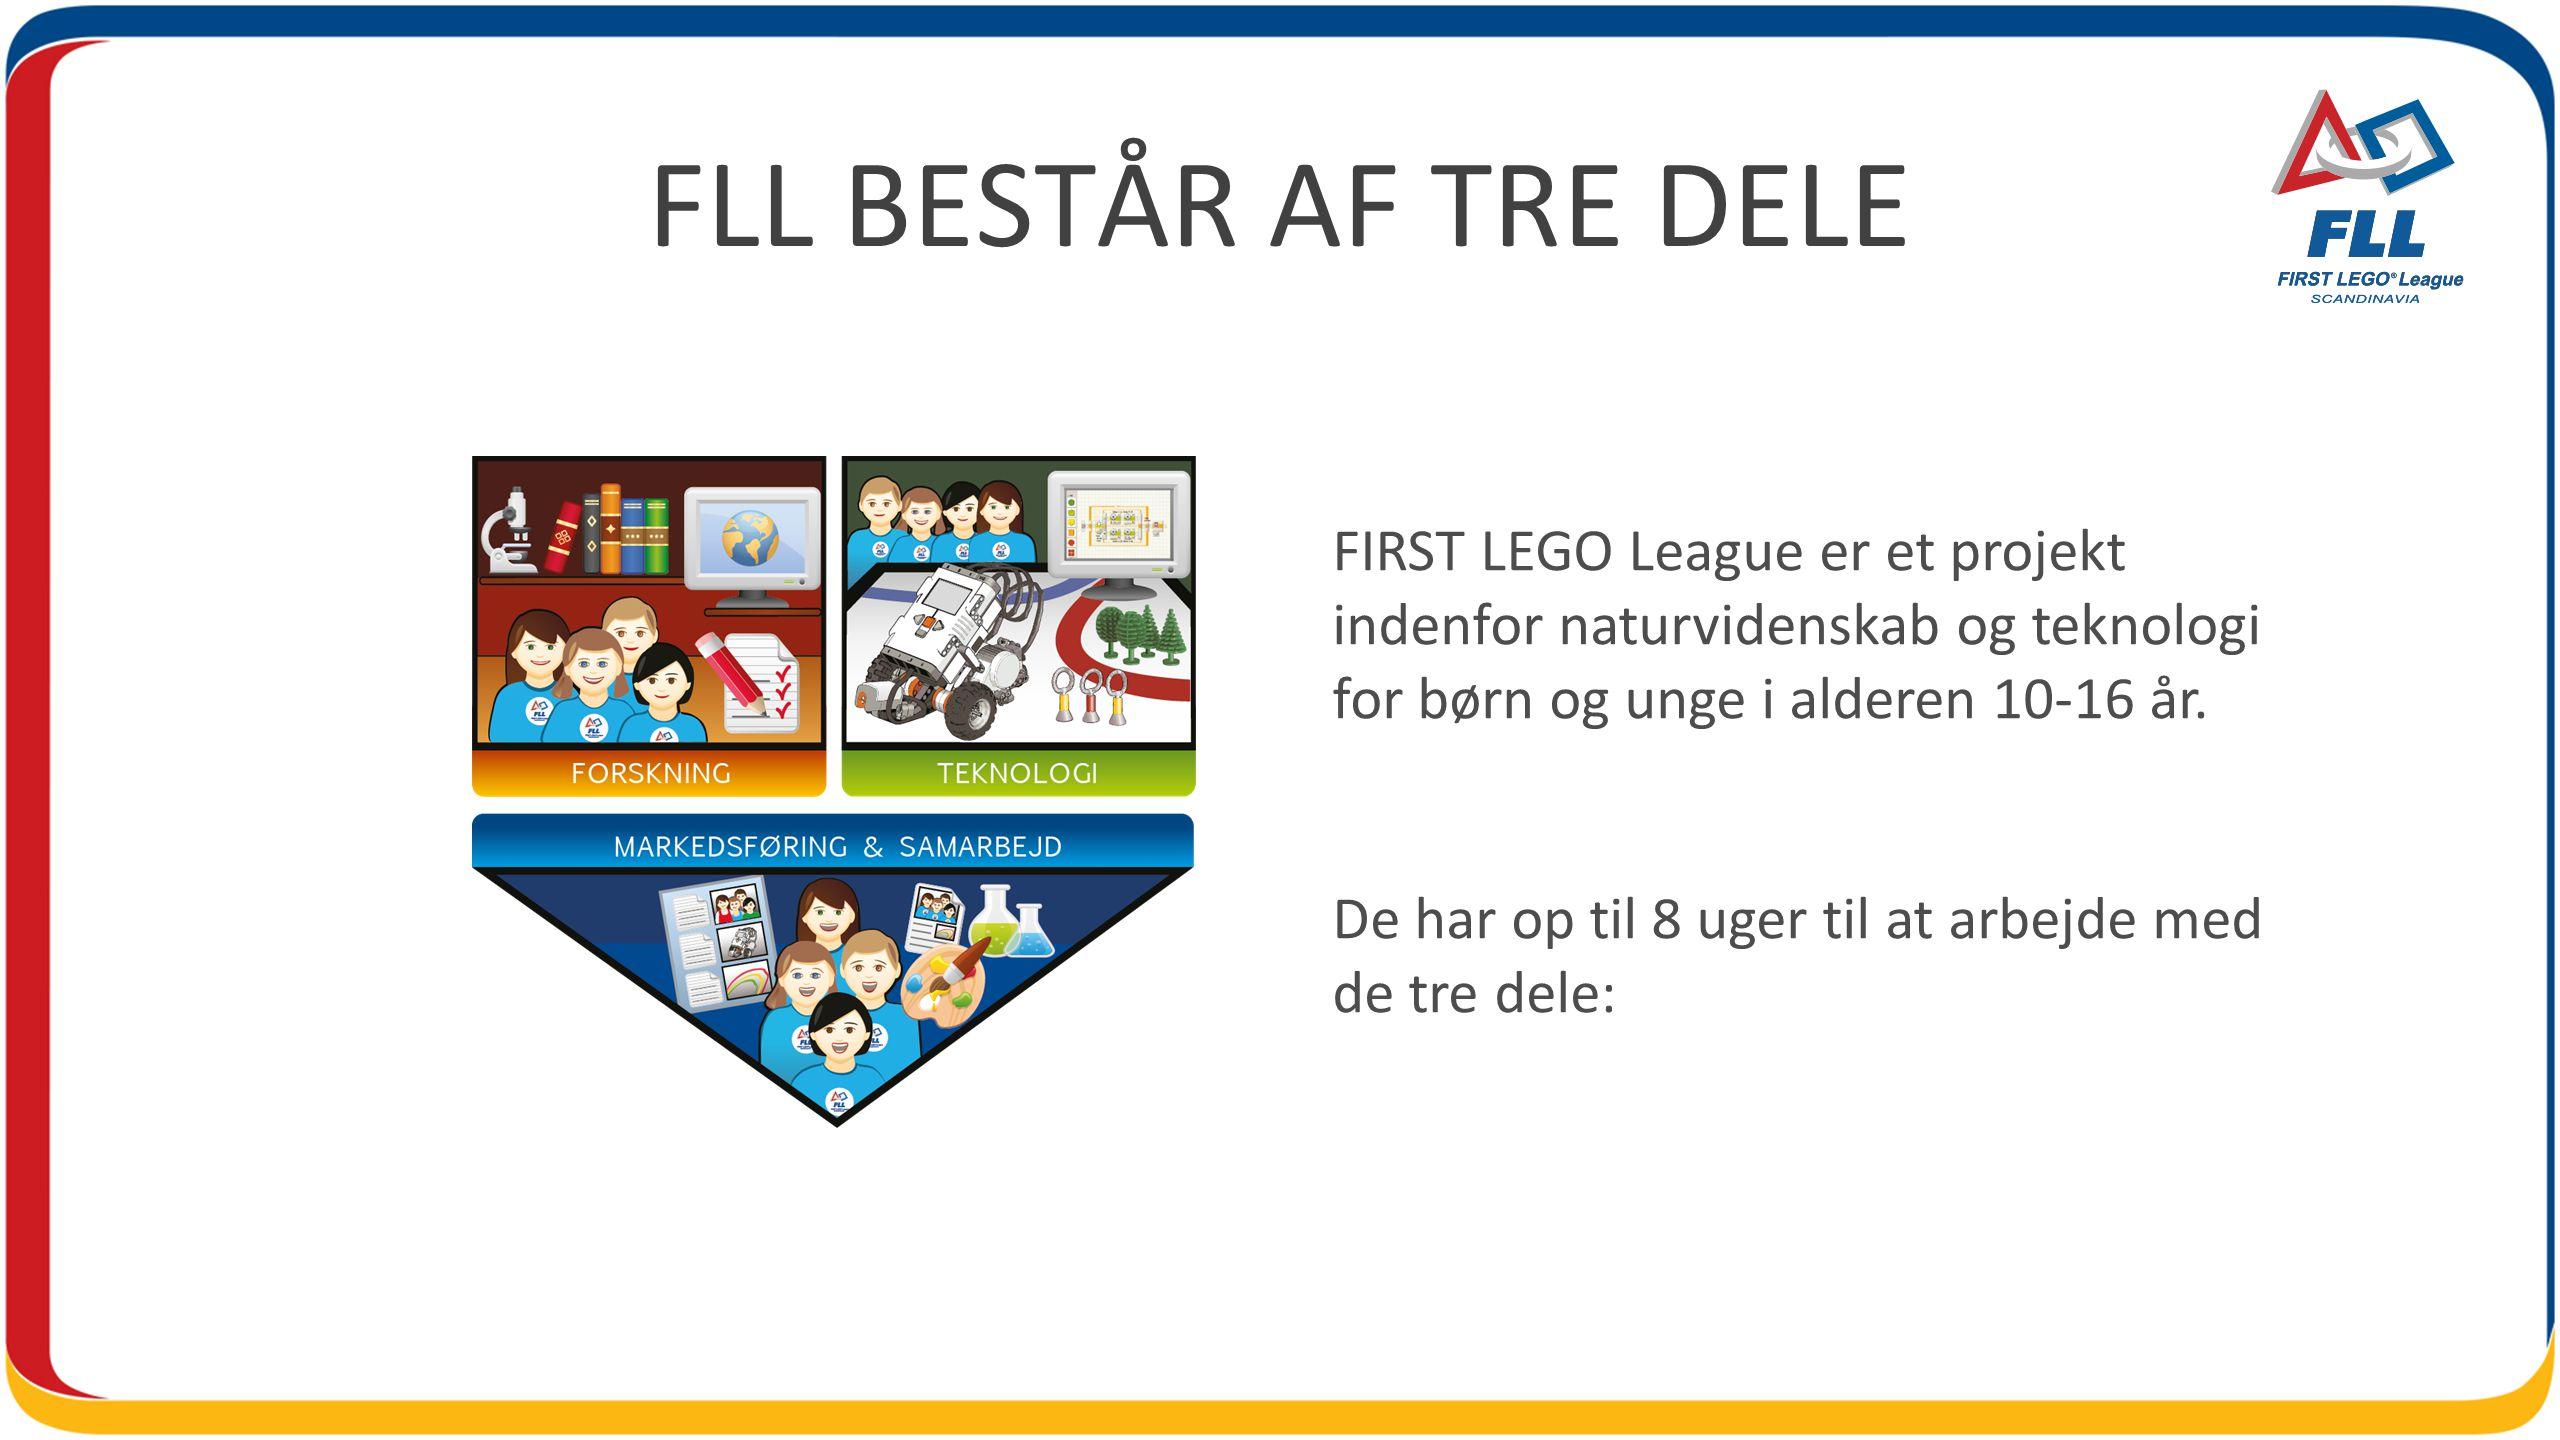 FLL BESTÅR AF TRE DELE FIRST LEGO League er et projekt indenfor naturvidenskab og teknologi for børn og unge i alderen 10-16 år.